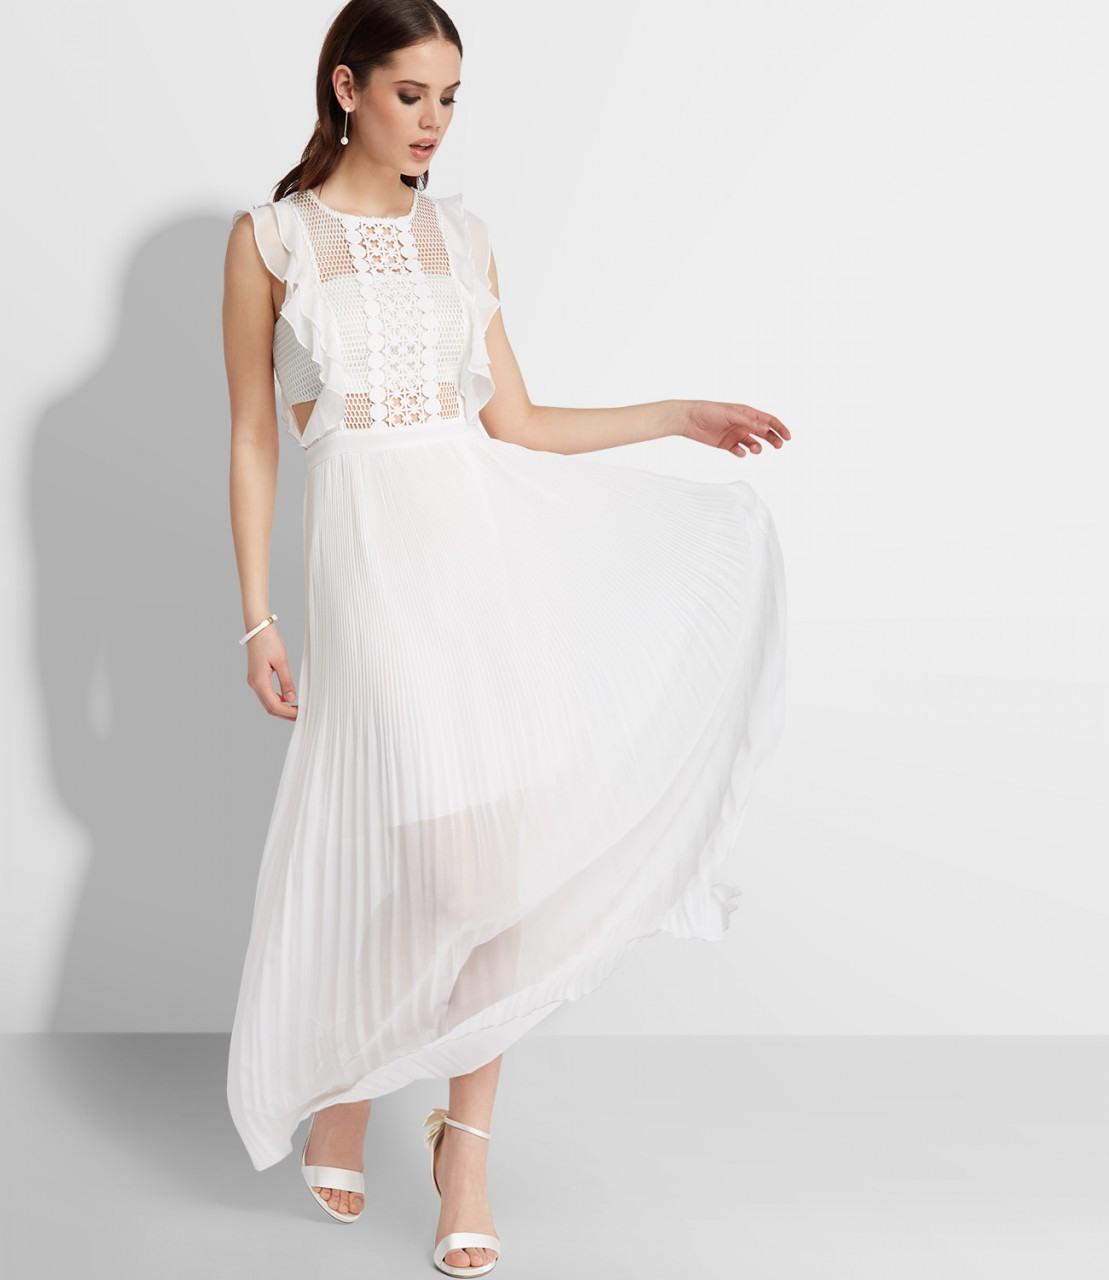 10 Erstaunlich Abendkleid Ivory Bester PreisAbend Schön Abendkleid Ivory für 2019